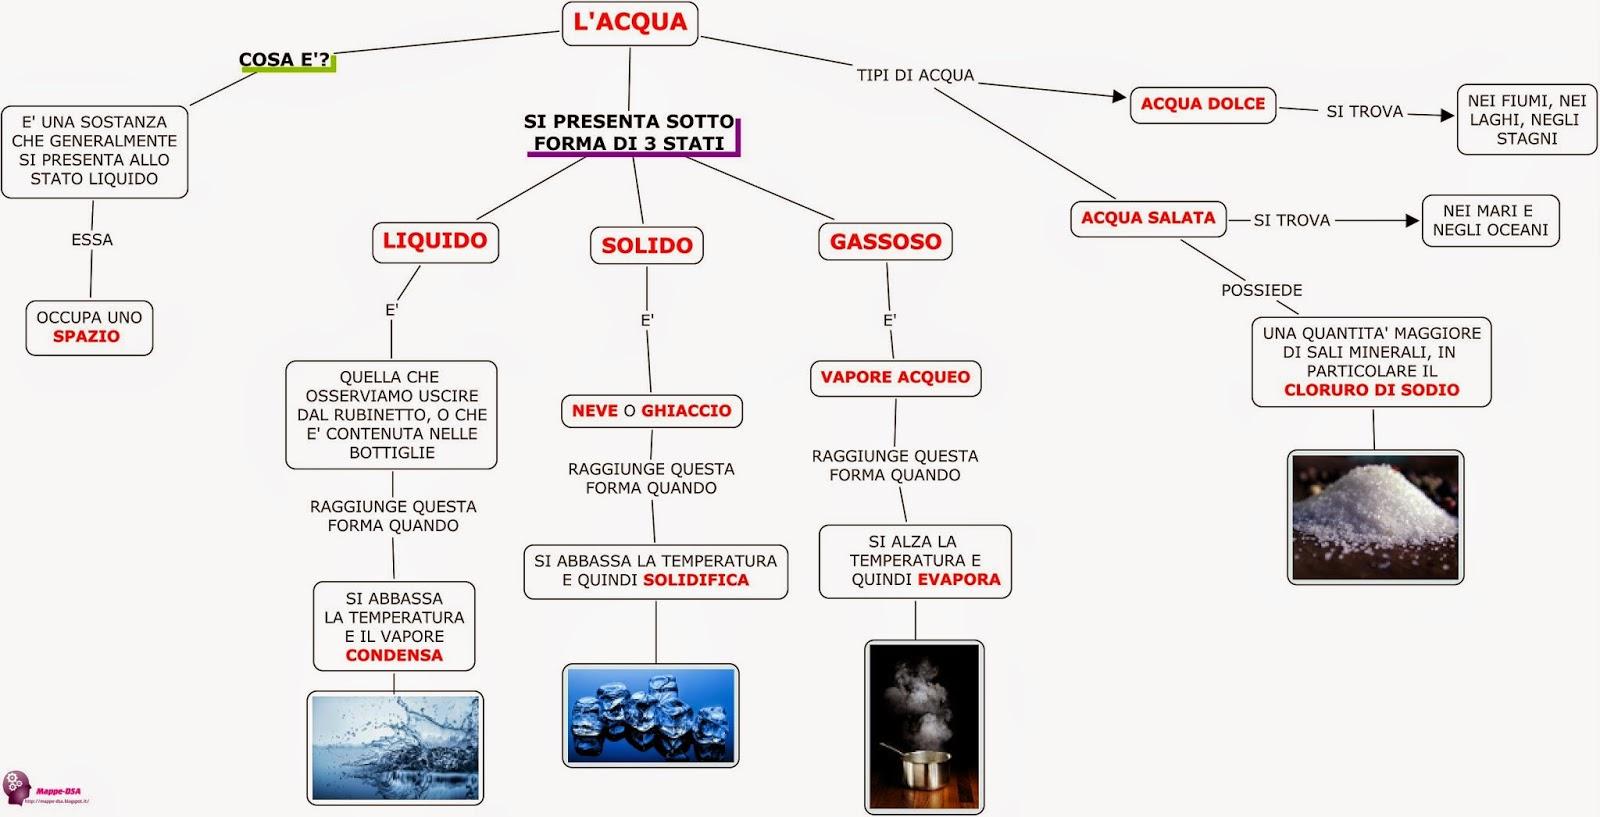 mappa dsa scienze acqua